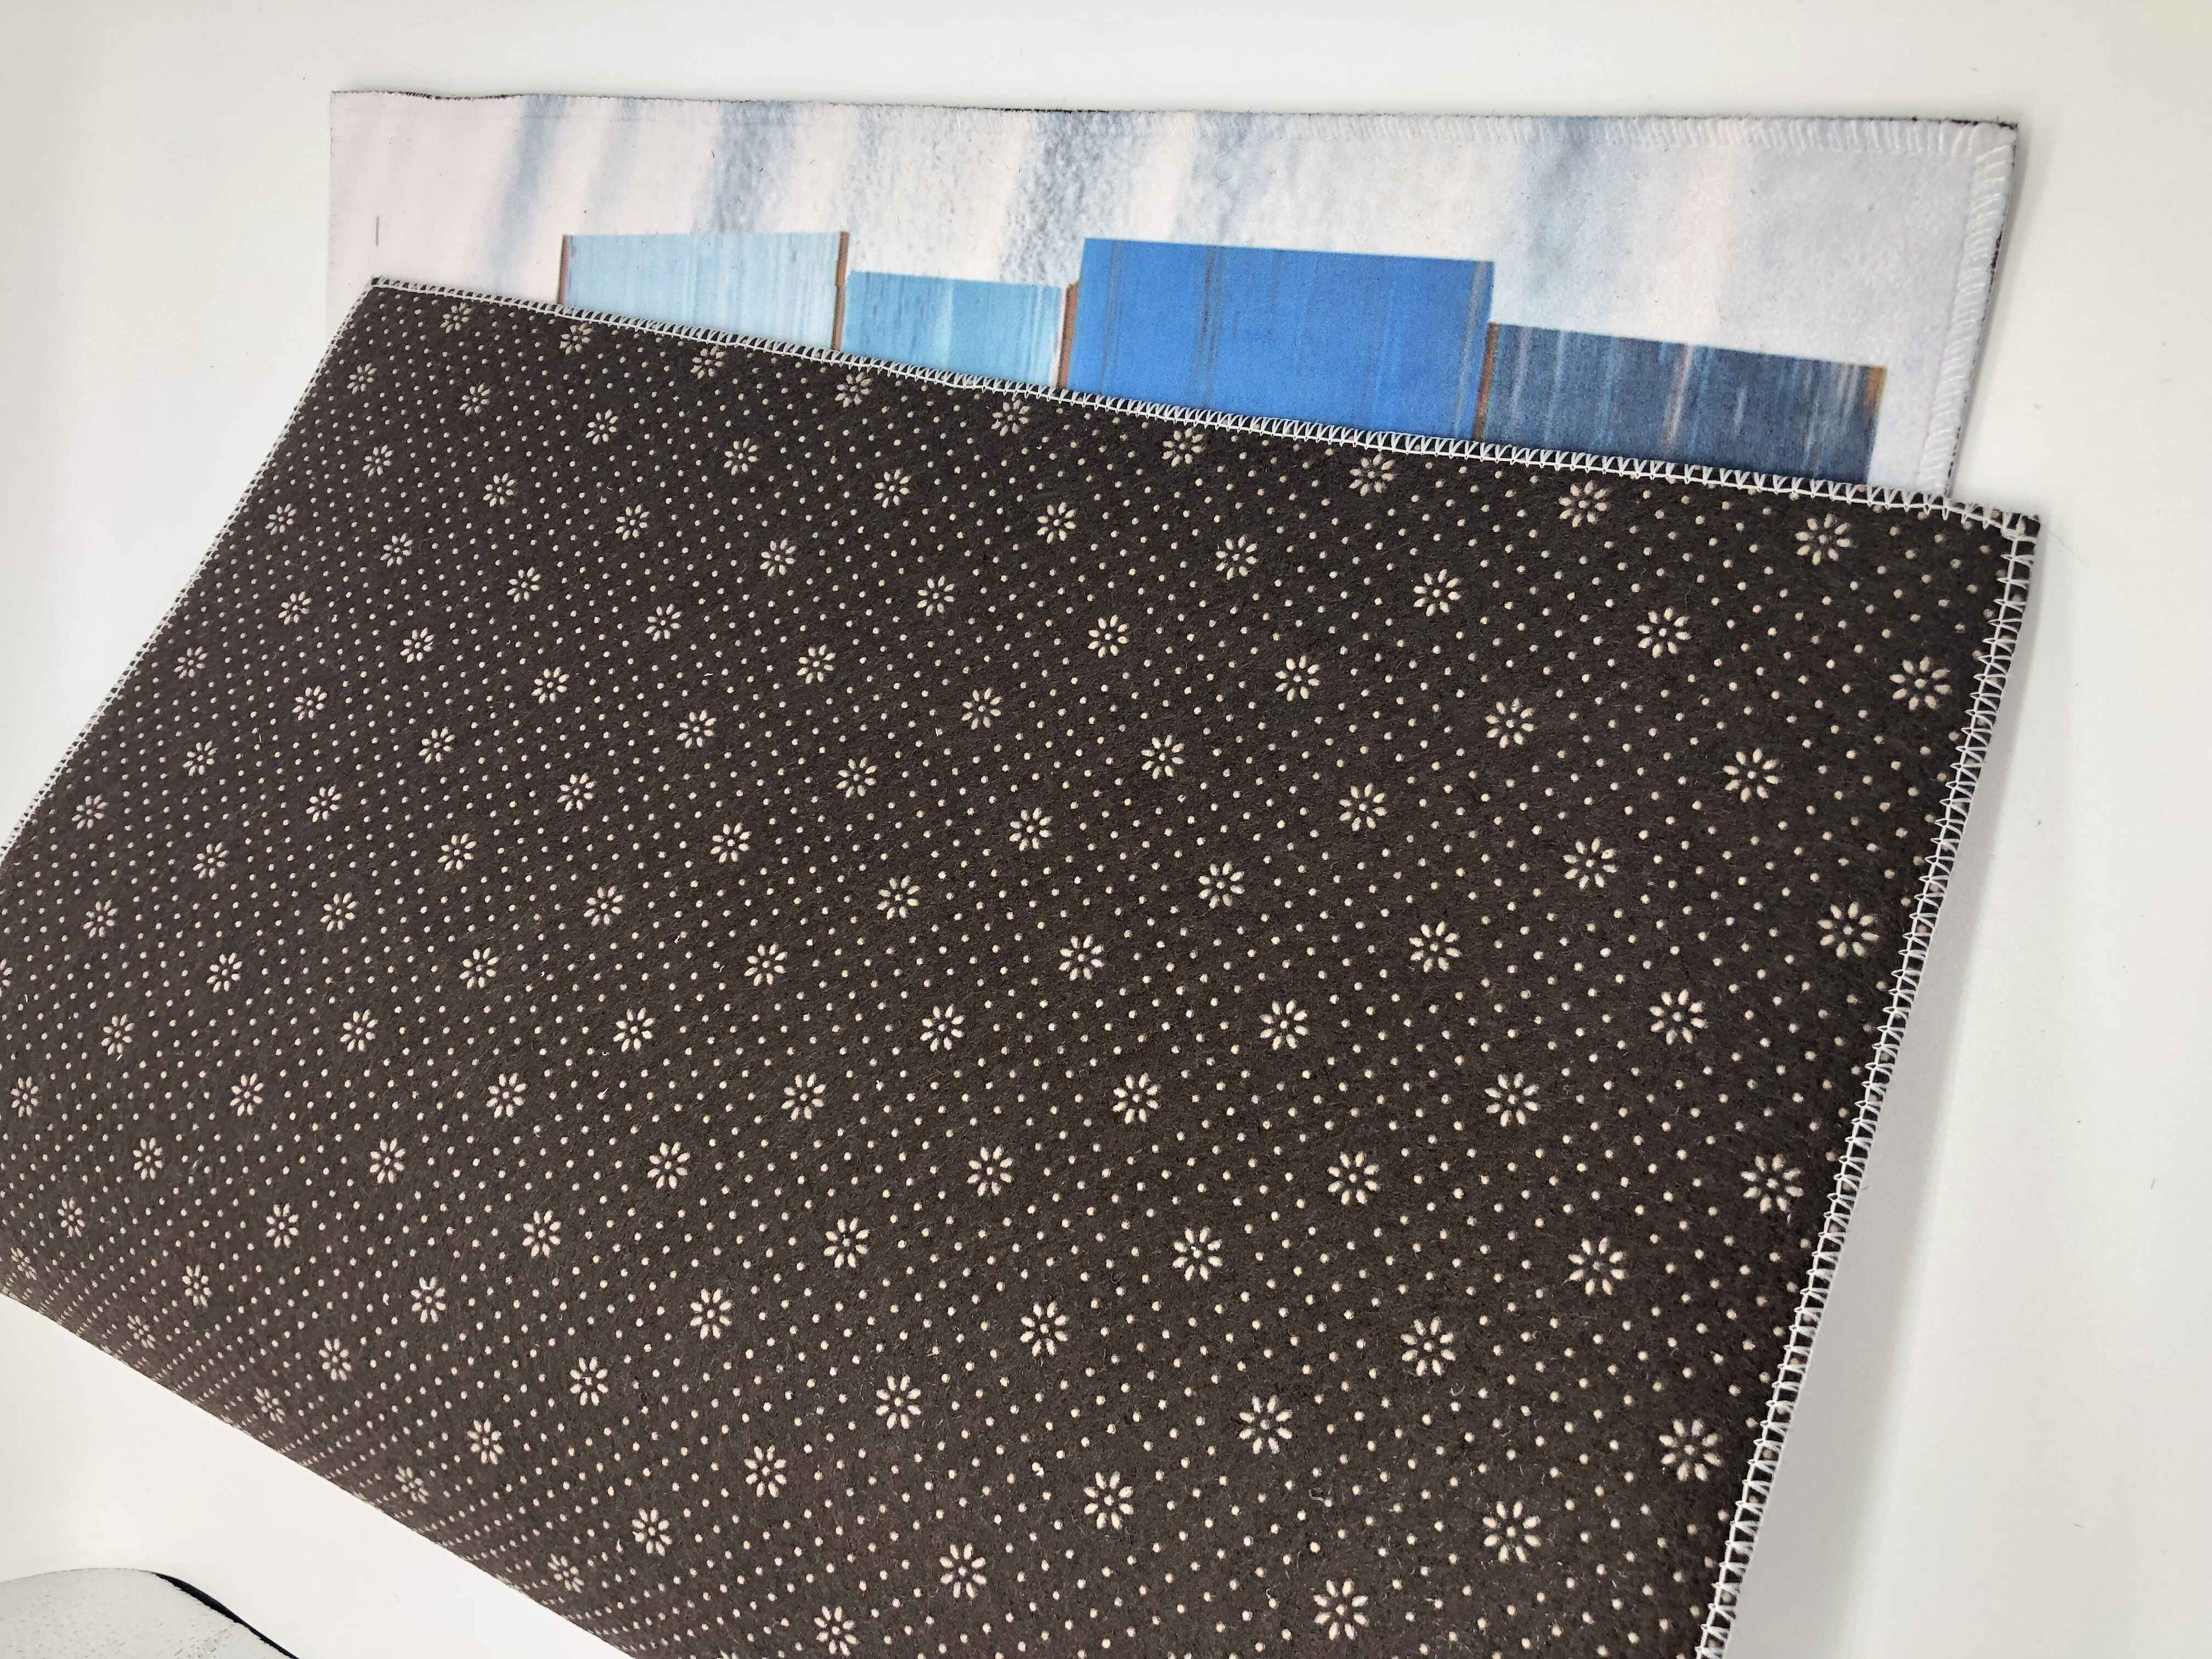 Ananas w kolorze czarnym i białym grafiki wodoodporna tkanina poliestrowa prysznic zestaw zasłon z podłogi wycieraczka dywan do łazienki